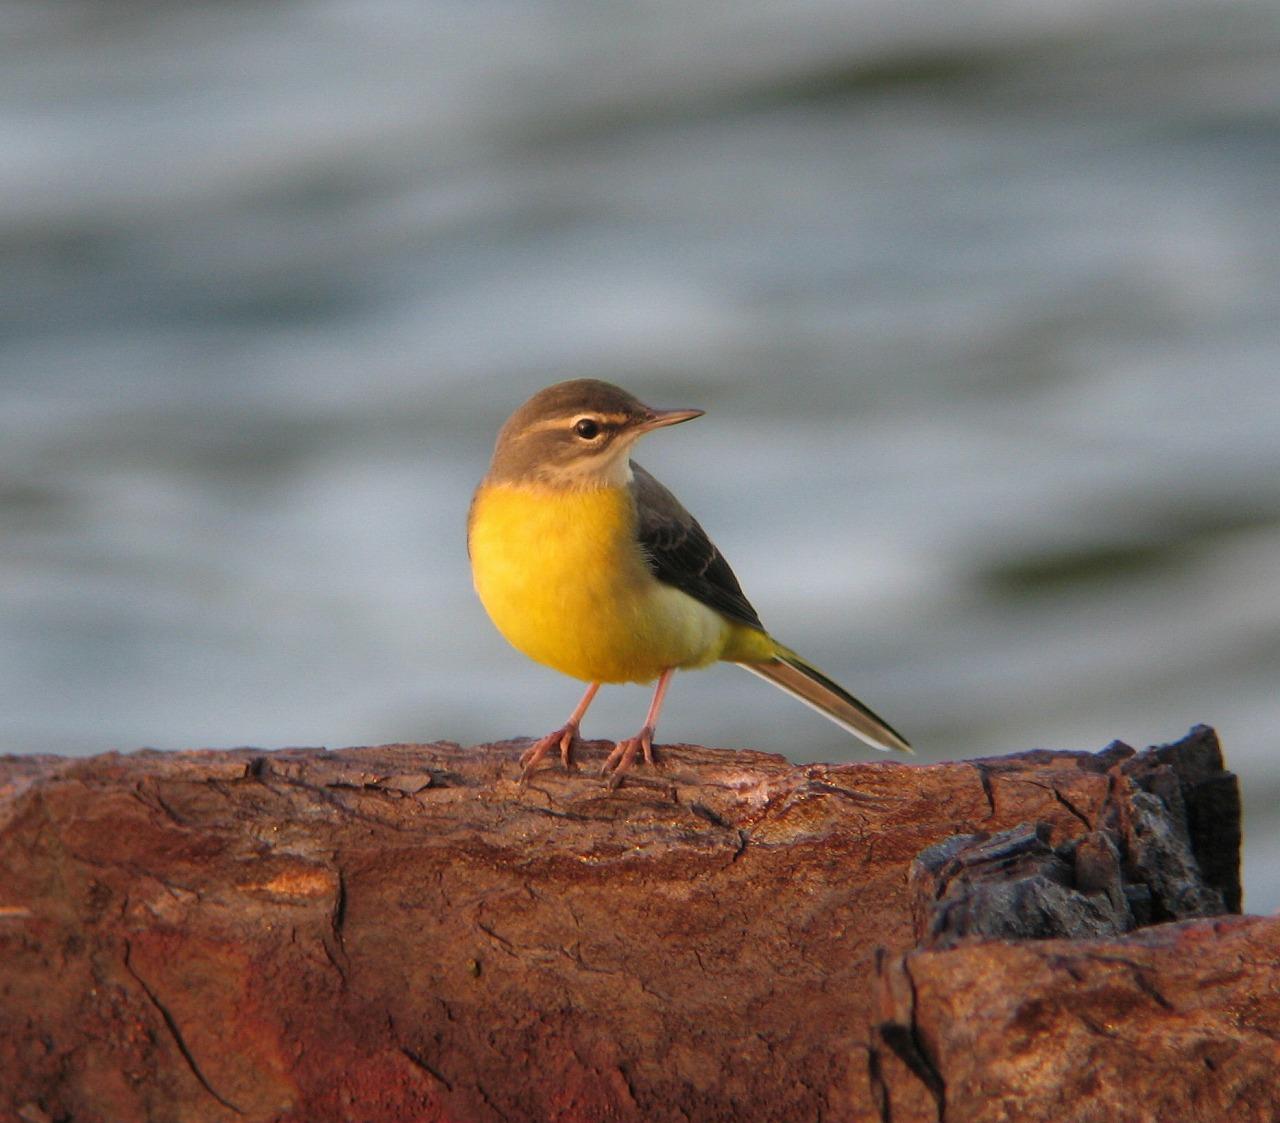 キセキレイちゃんの幼鳥と思います。_e0018678_20385866.jpg